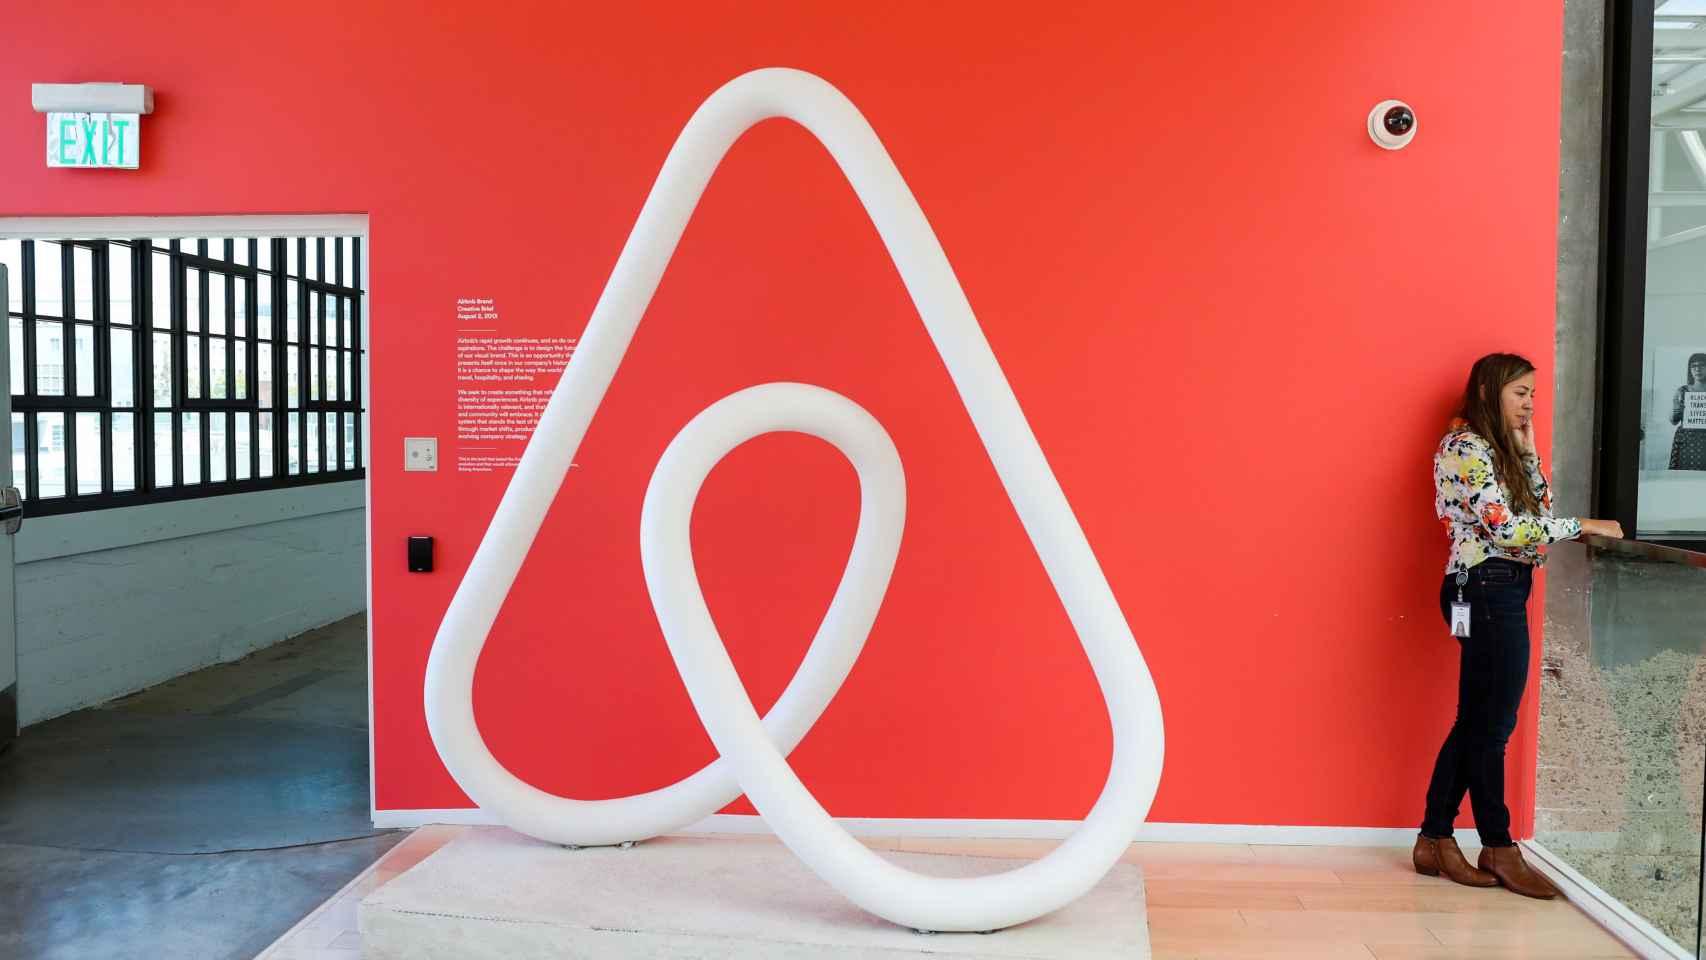 La sede de Airbnb en San Francisco